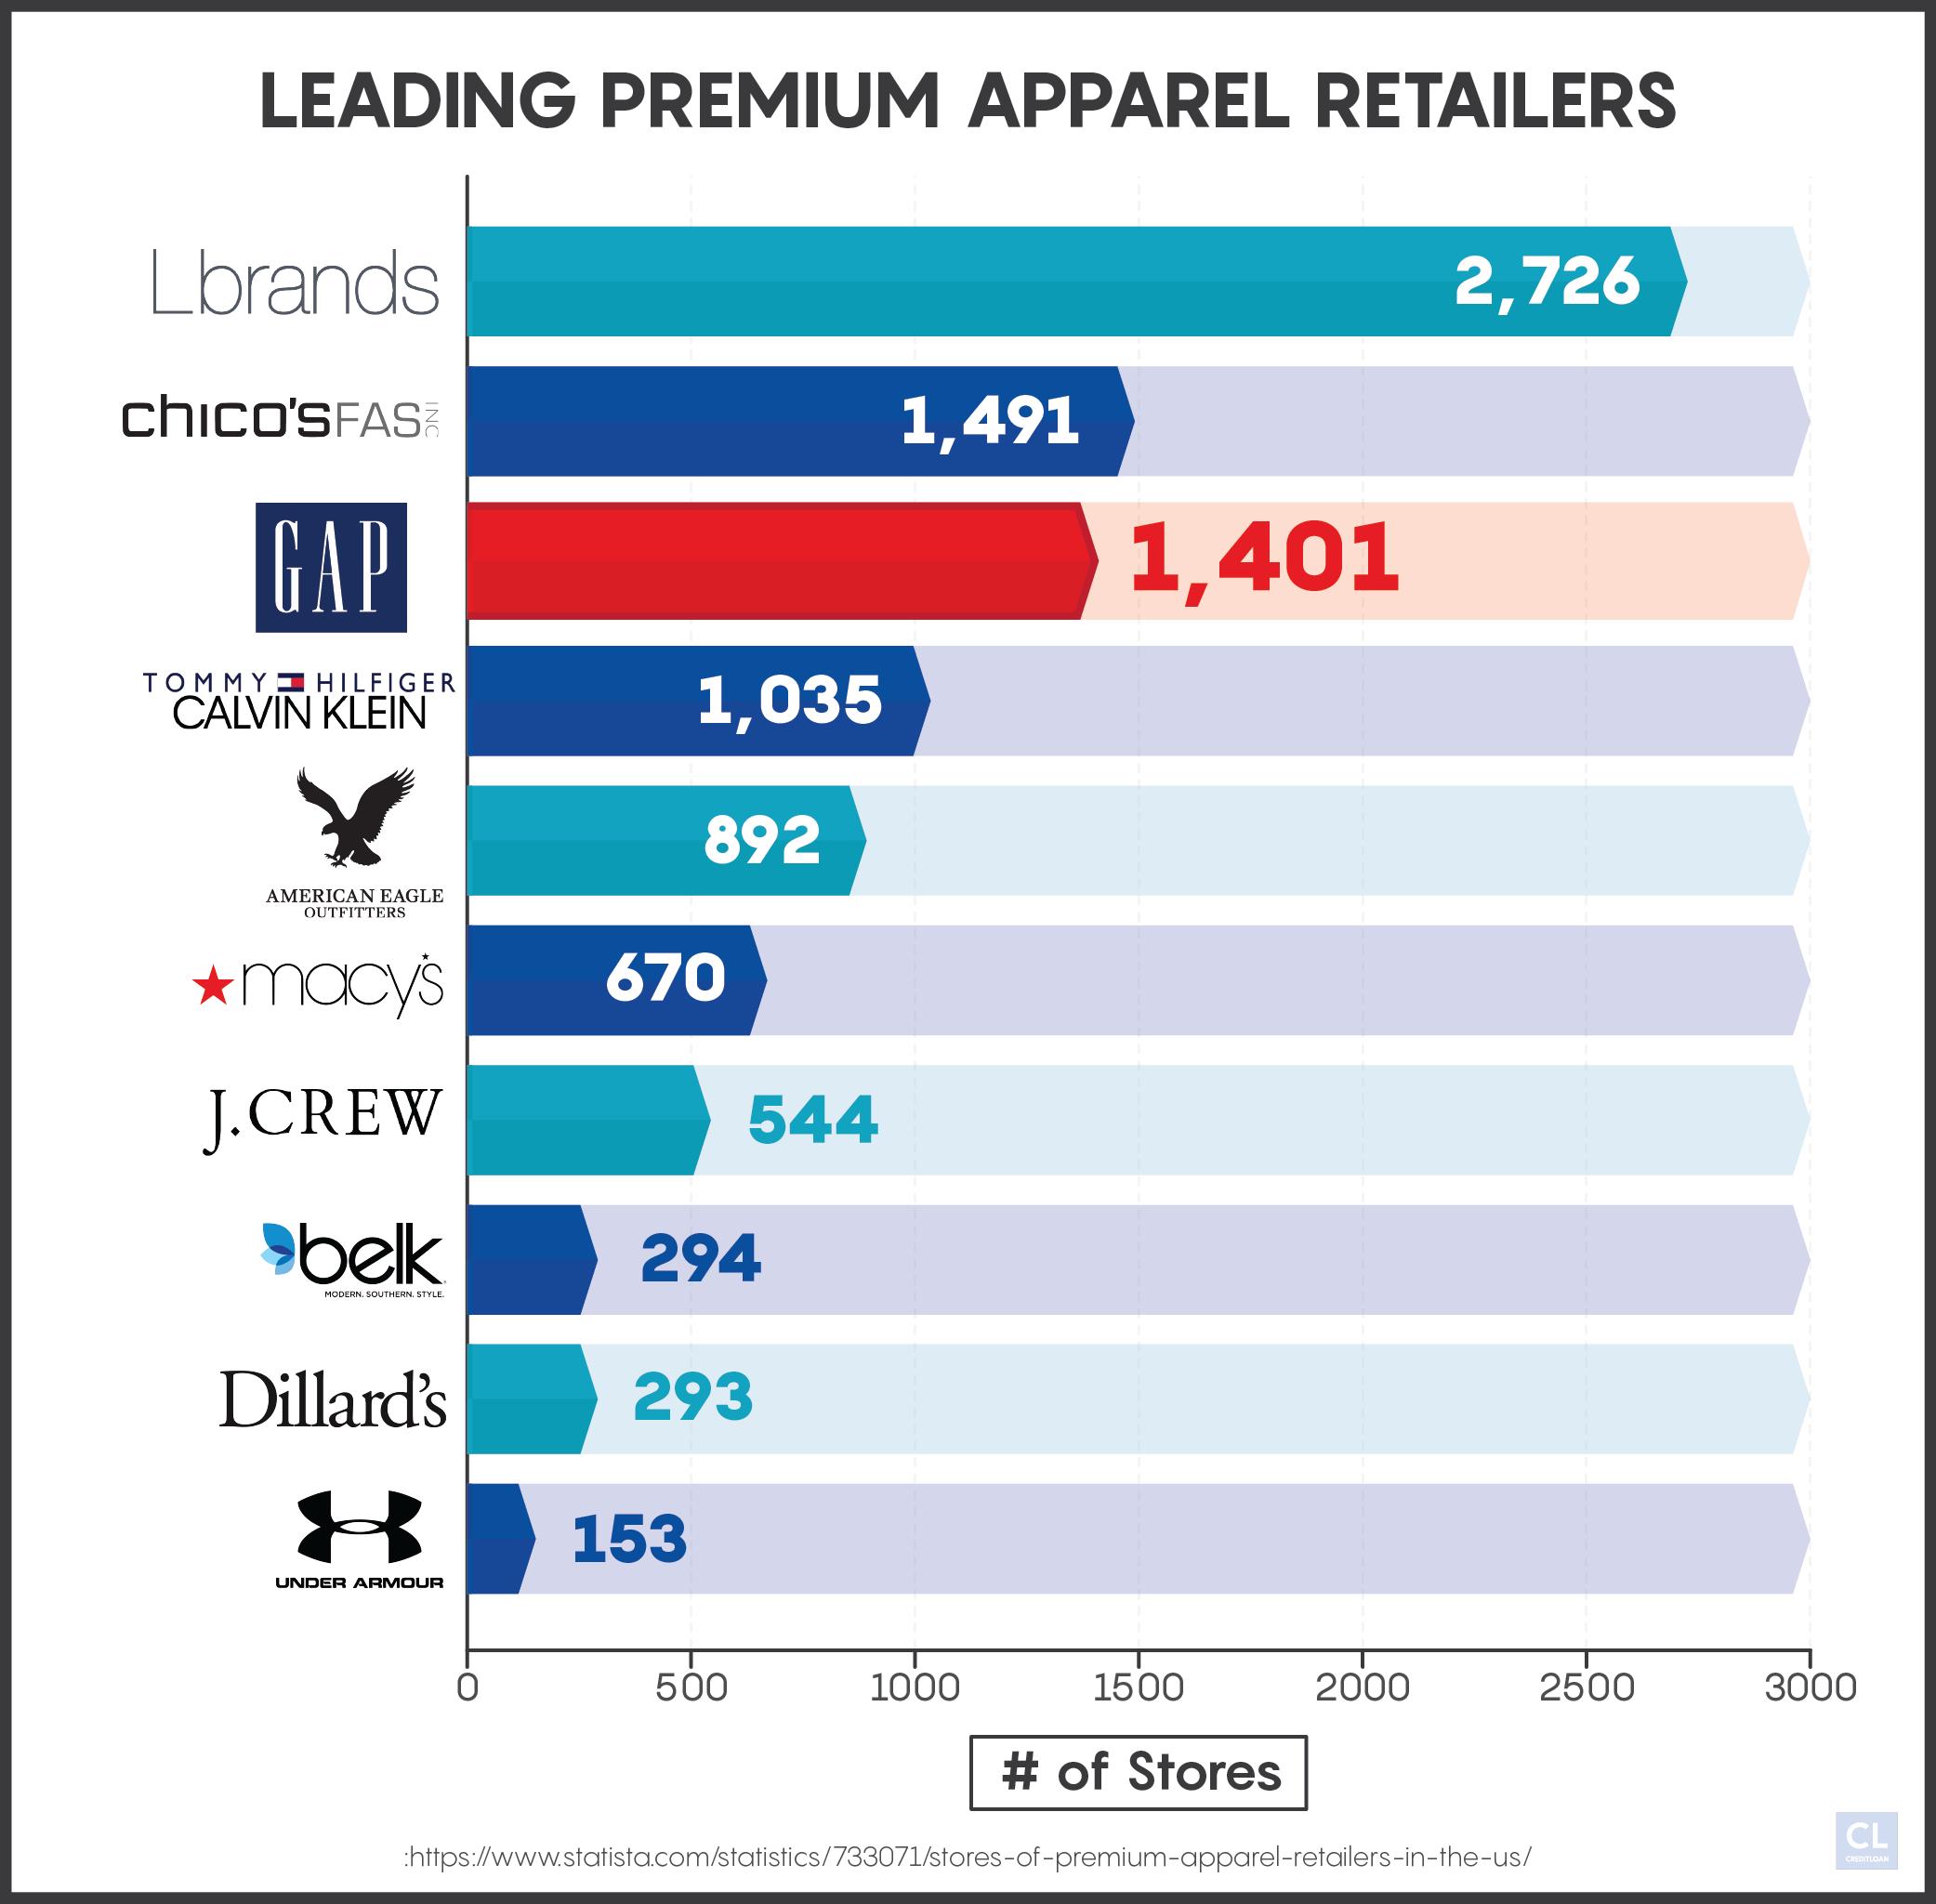 Leading Premium Apparel Retailers Number of Stores